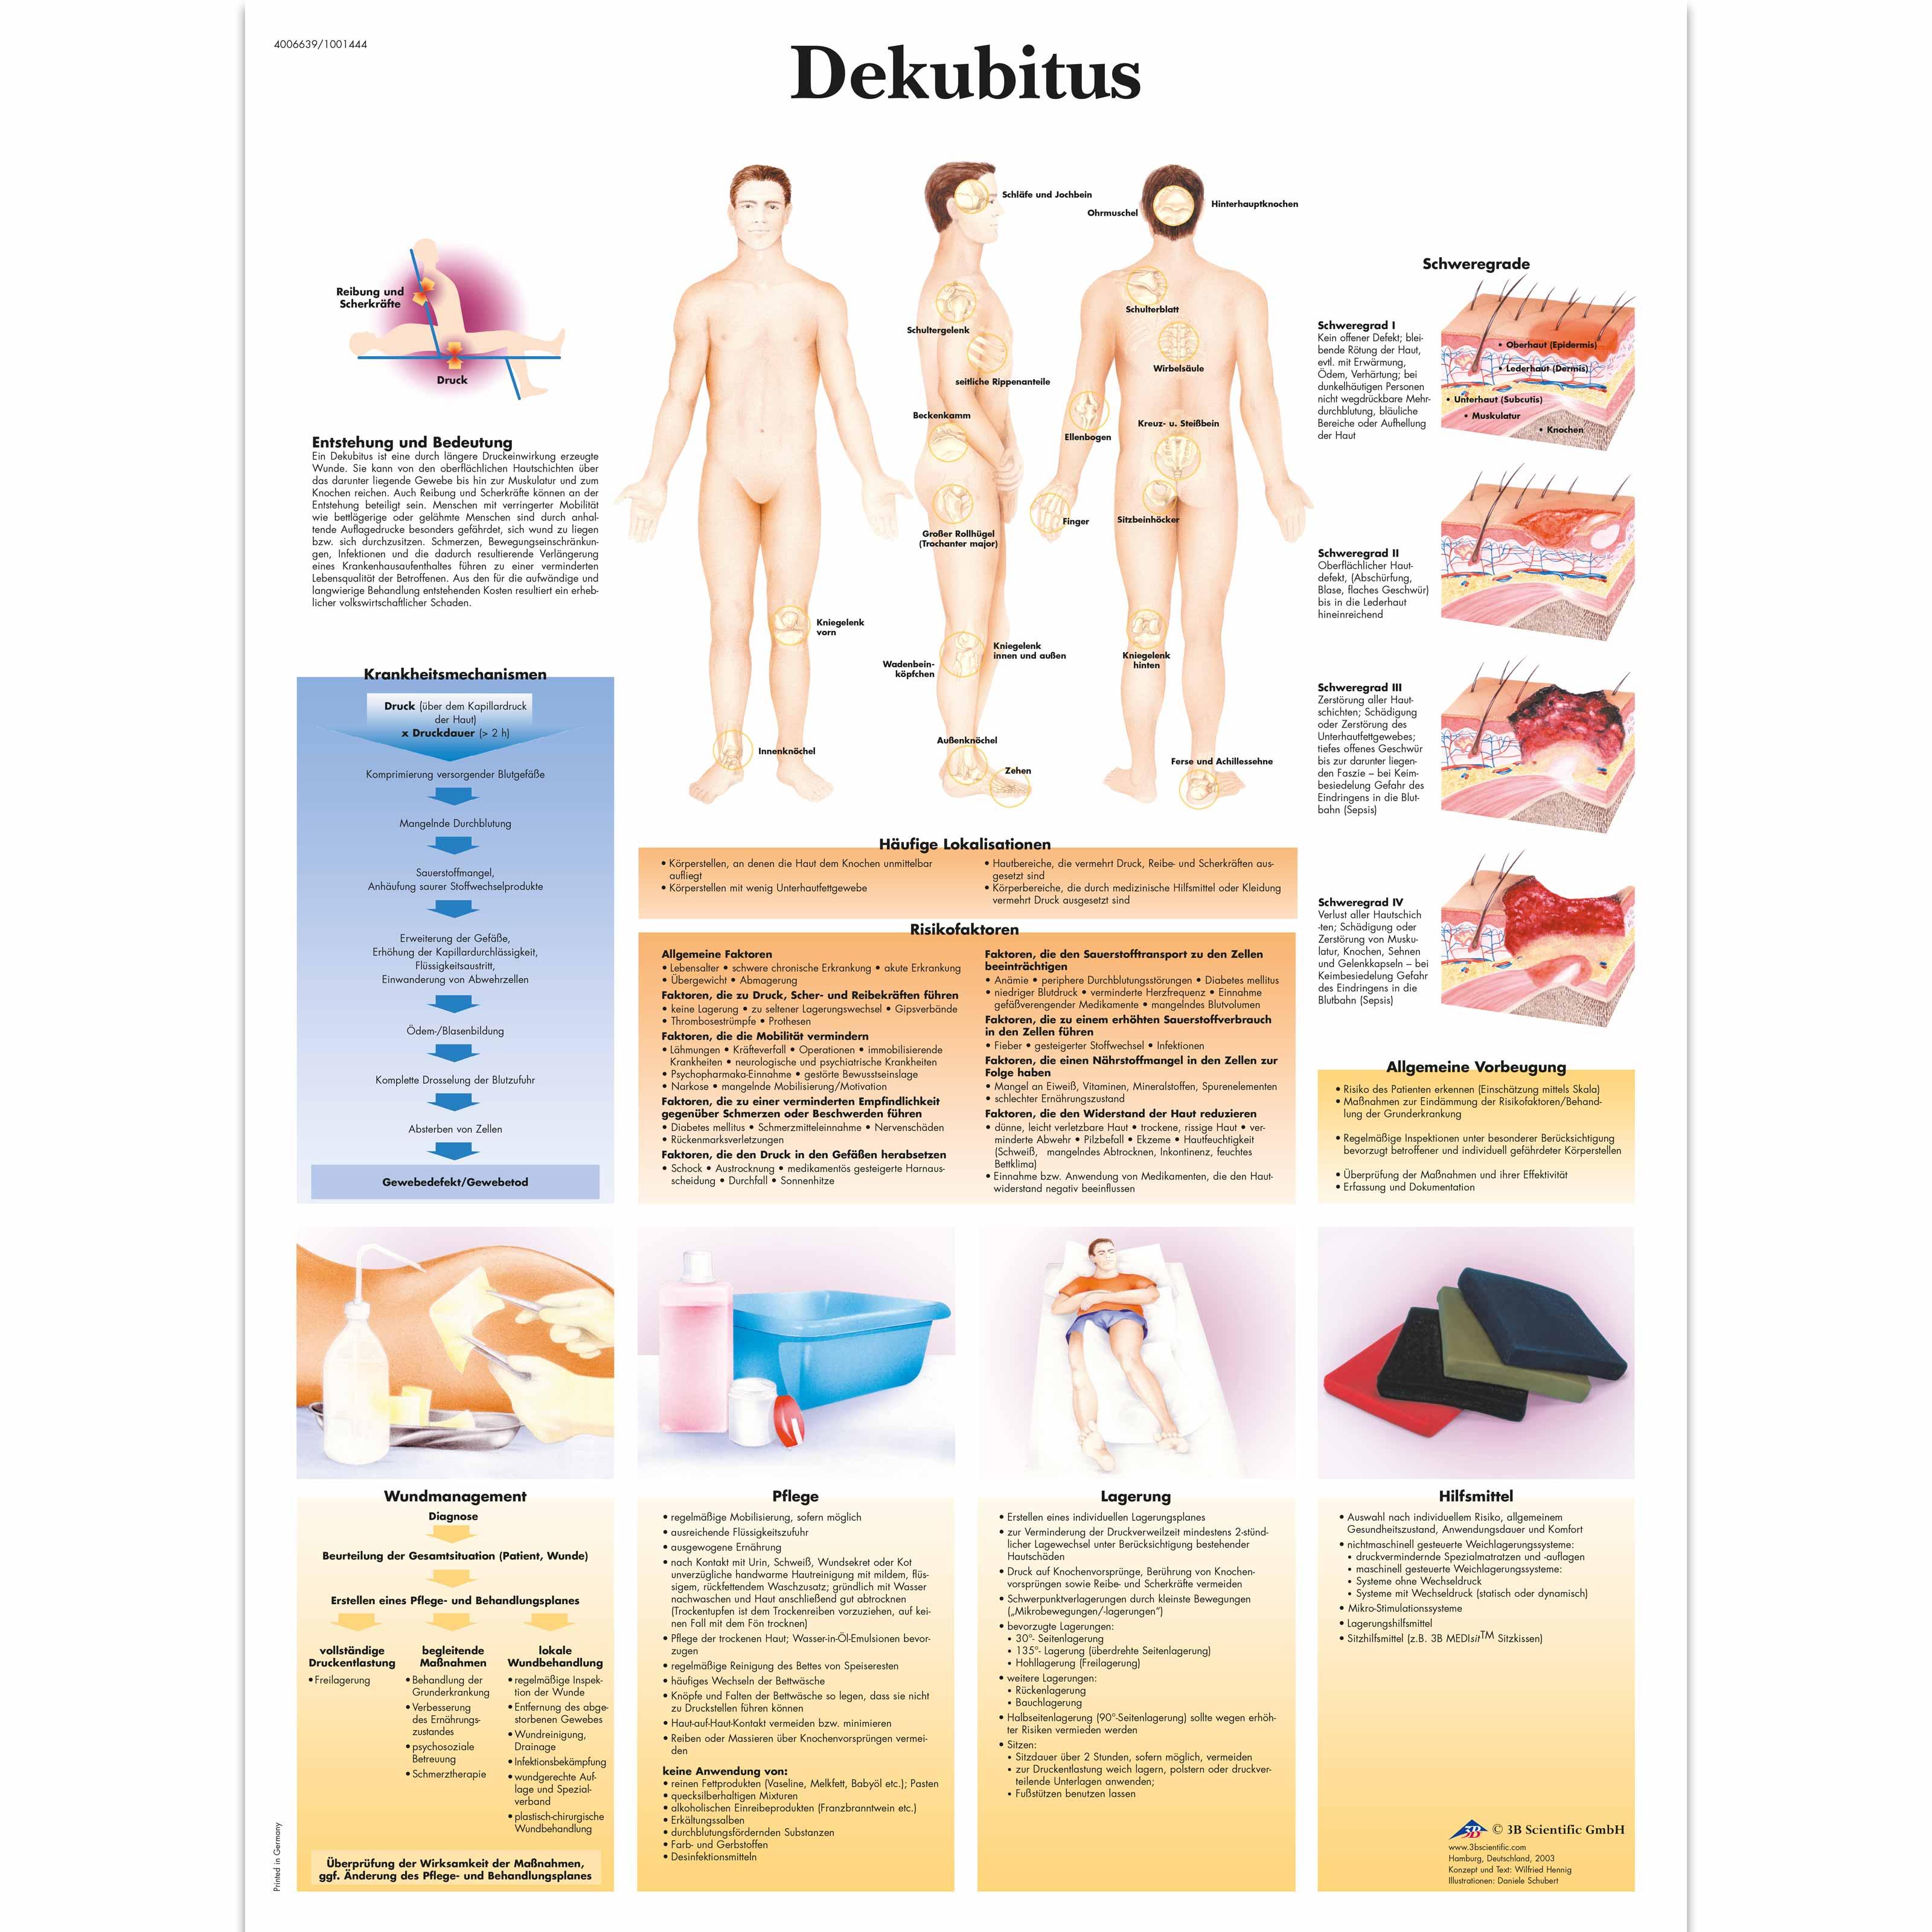 Dekubitus - 1001444 - VR0717L - Skin - 3B Scientific